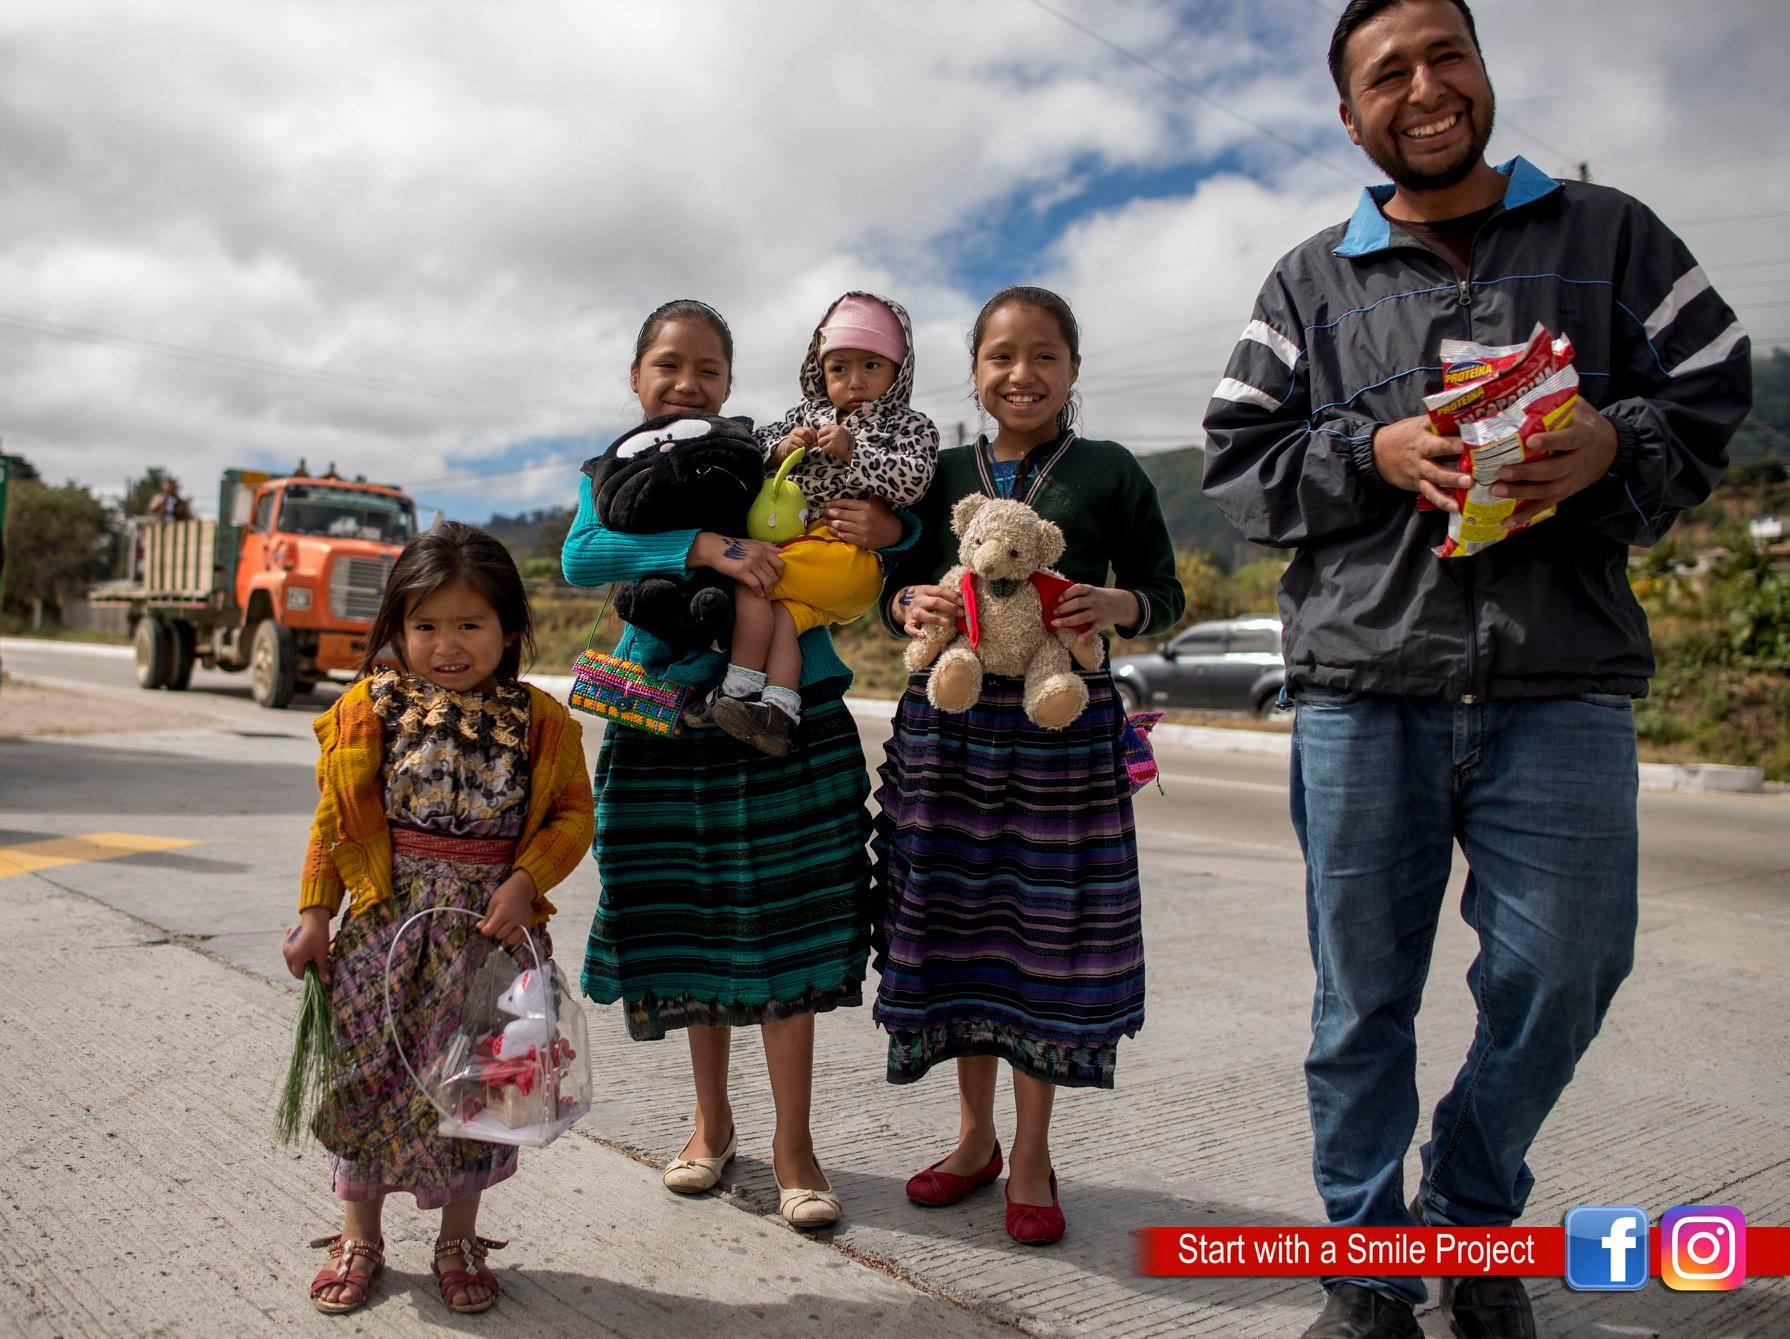 Qué puedes donar niños de la carretera hacia Tecpán